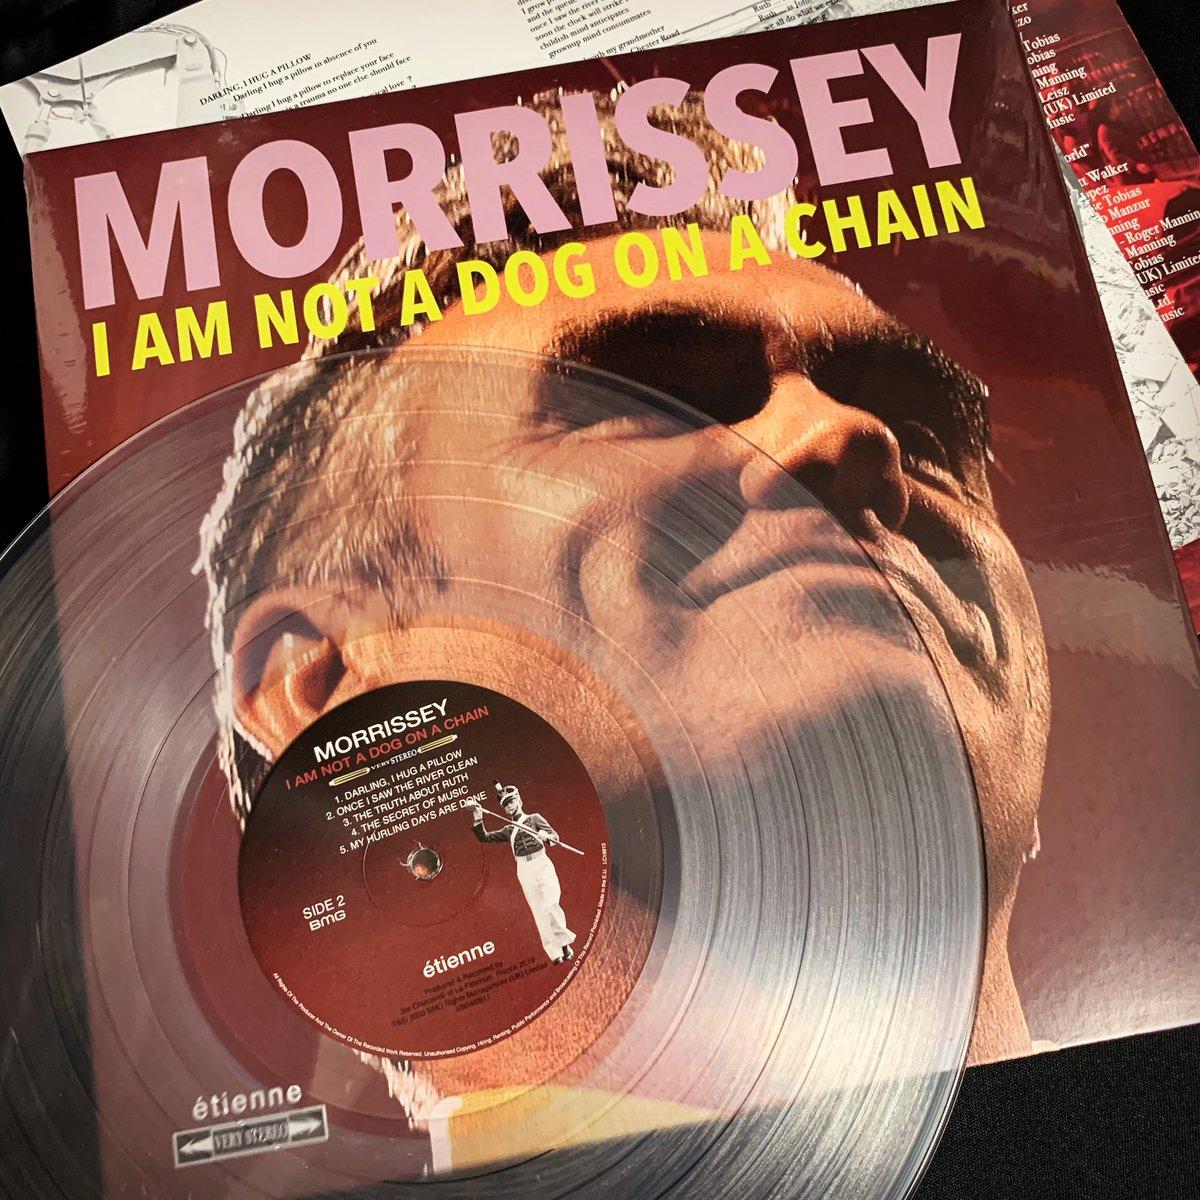 先日🇬🇧からモリッシーの新譜が無事到着✈︎✈︎✈︎ お年を召されてからリリースが早い #Morrissey #IAmNotADogOnAChain